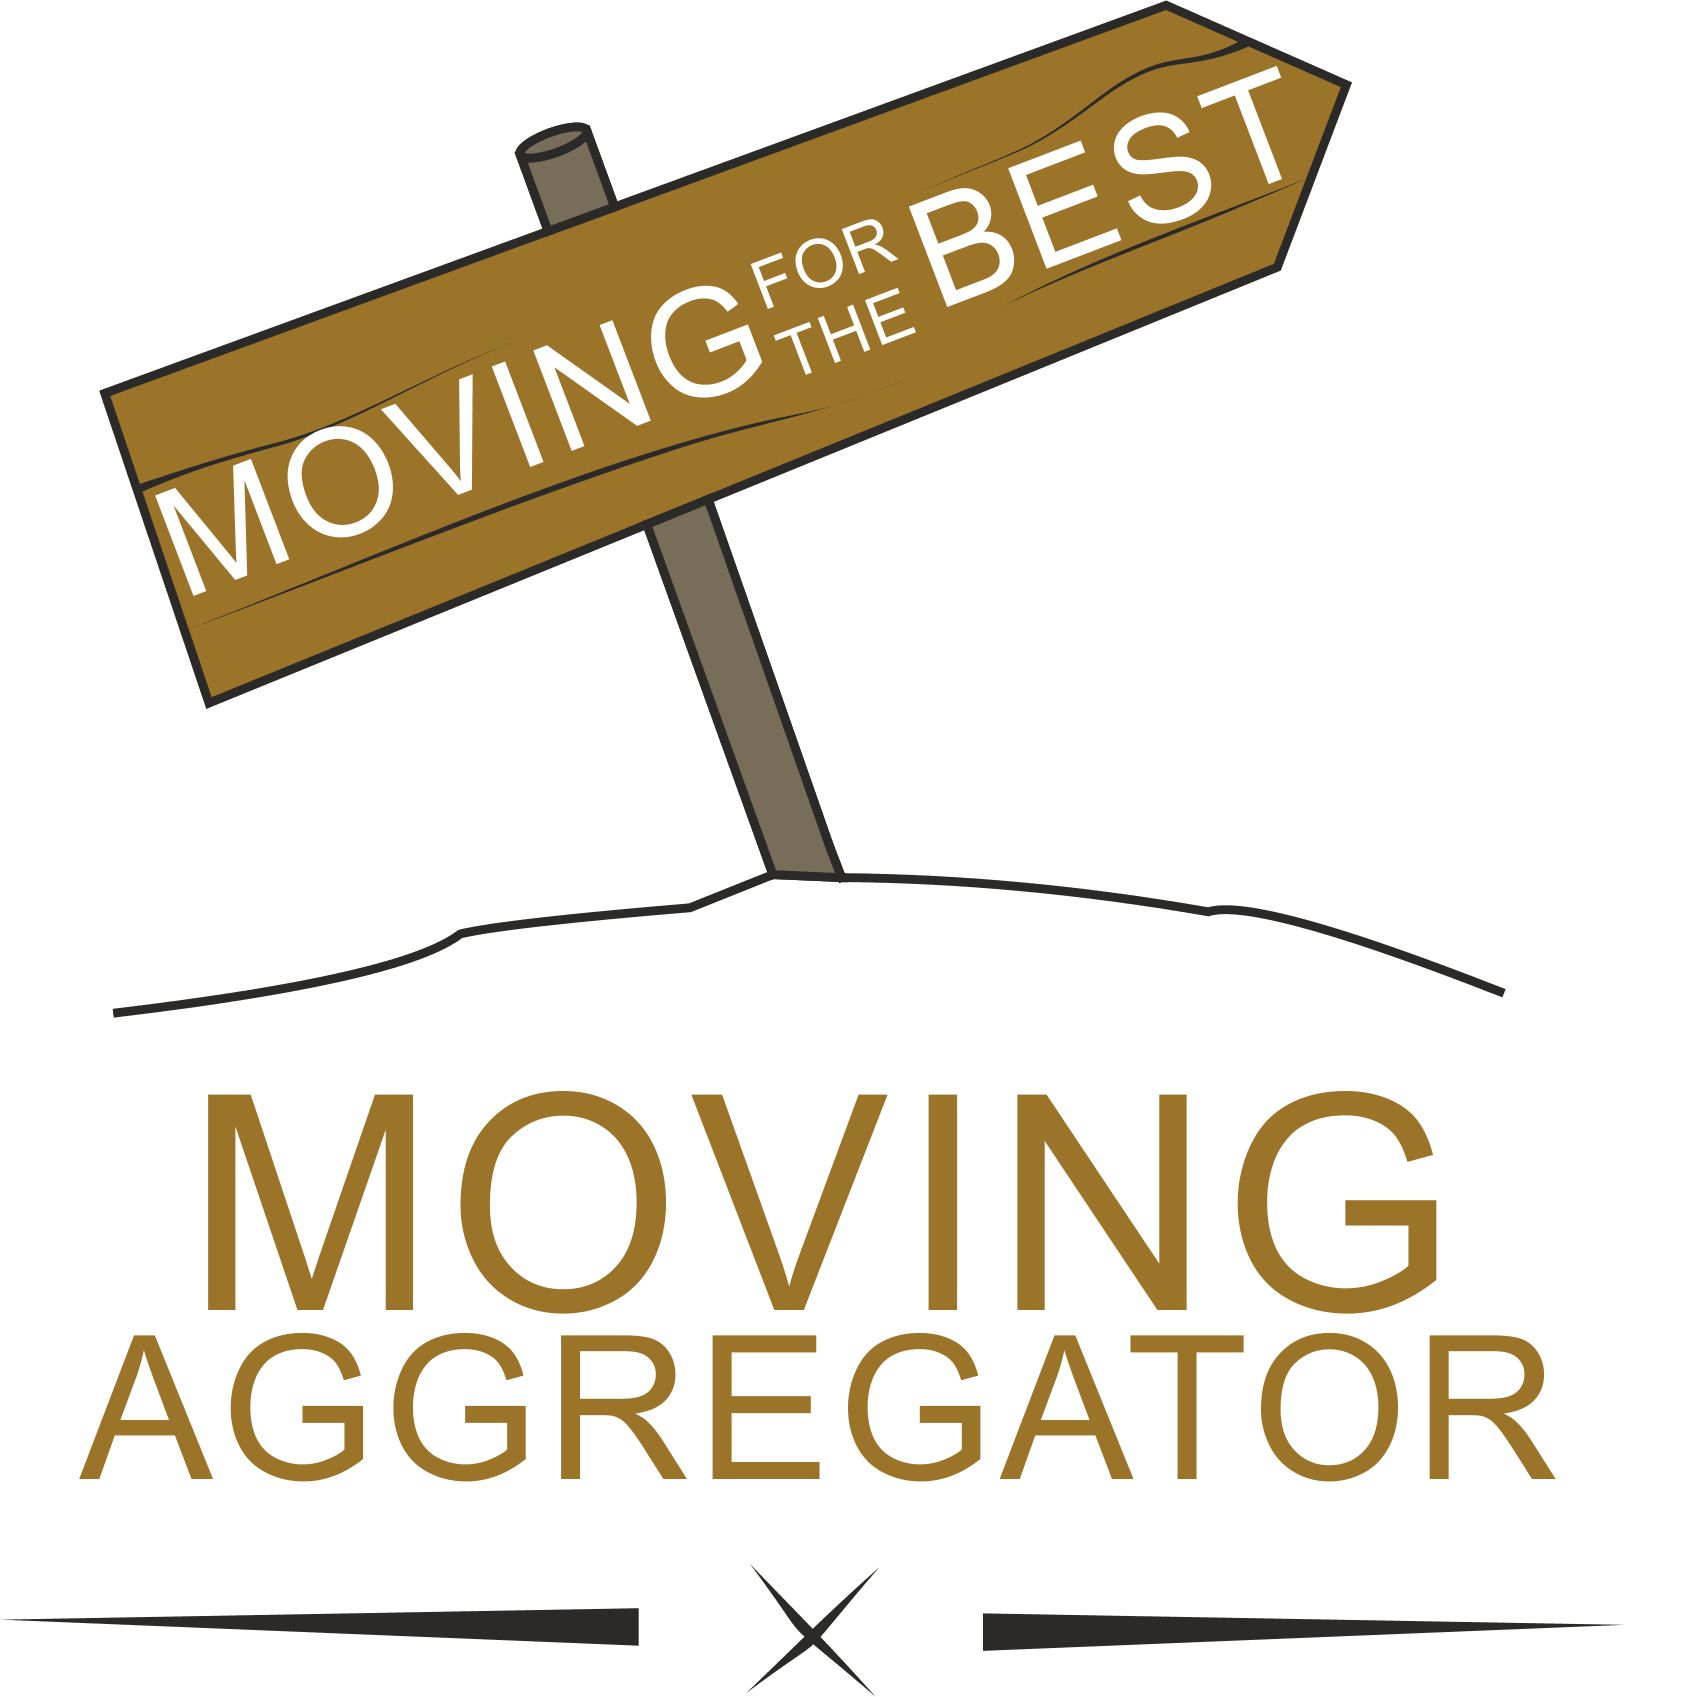 Логотип для компании Агрегатор переездов - дизайнер Askar24